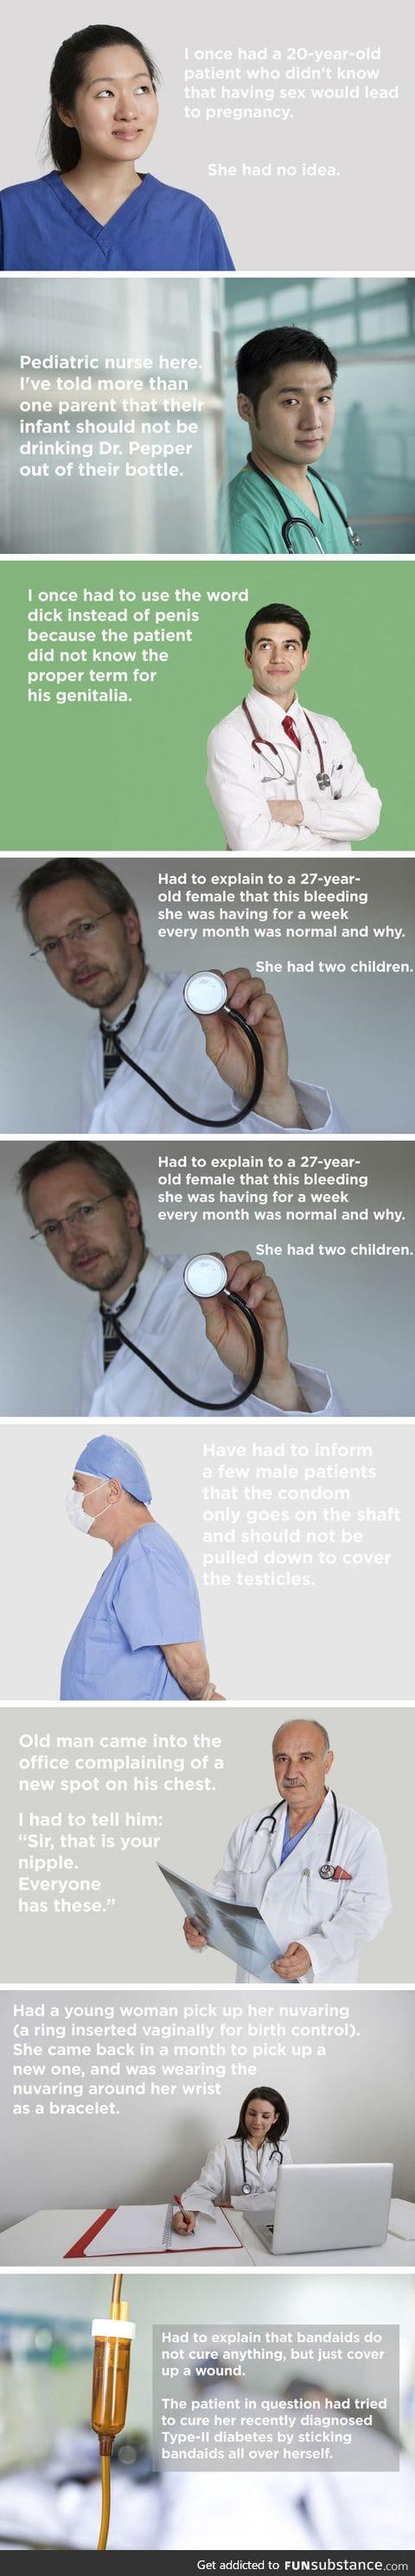 Dumbass patients